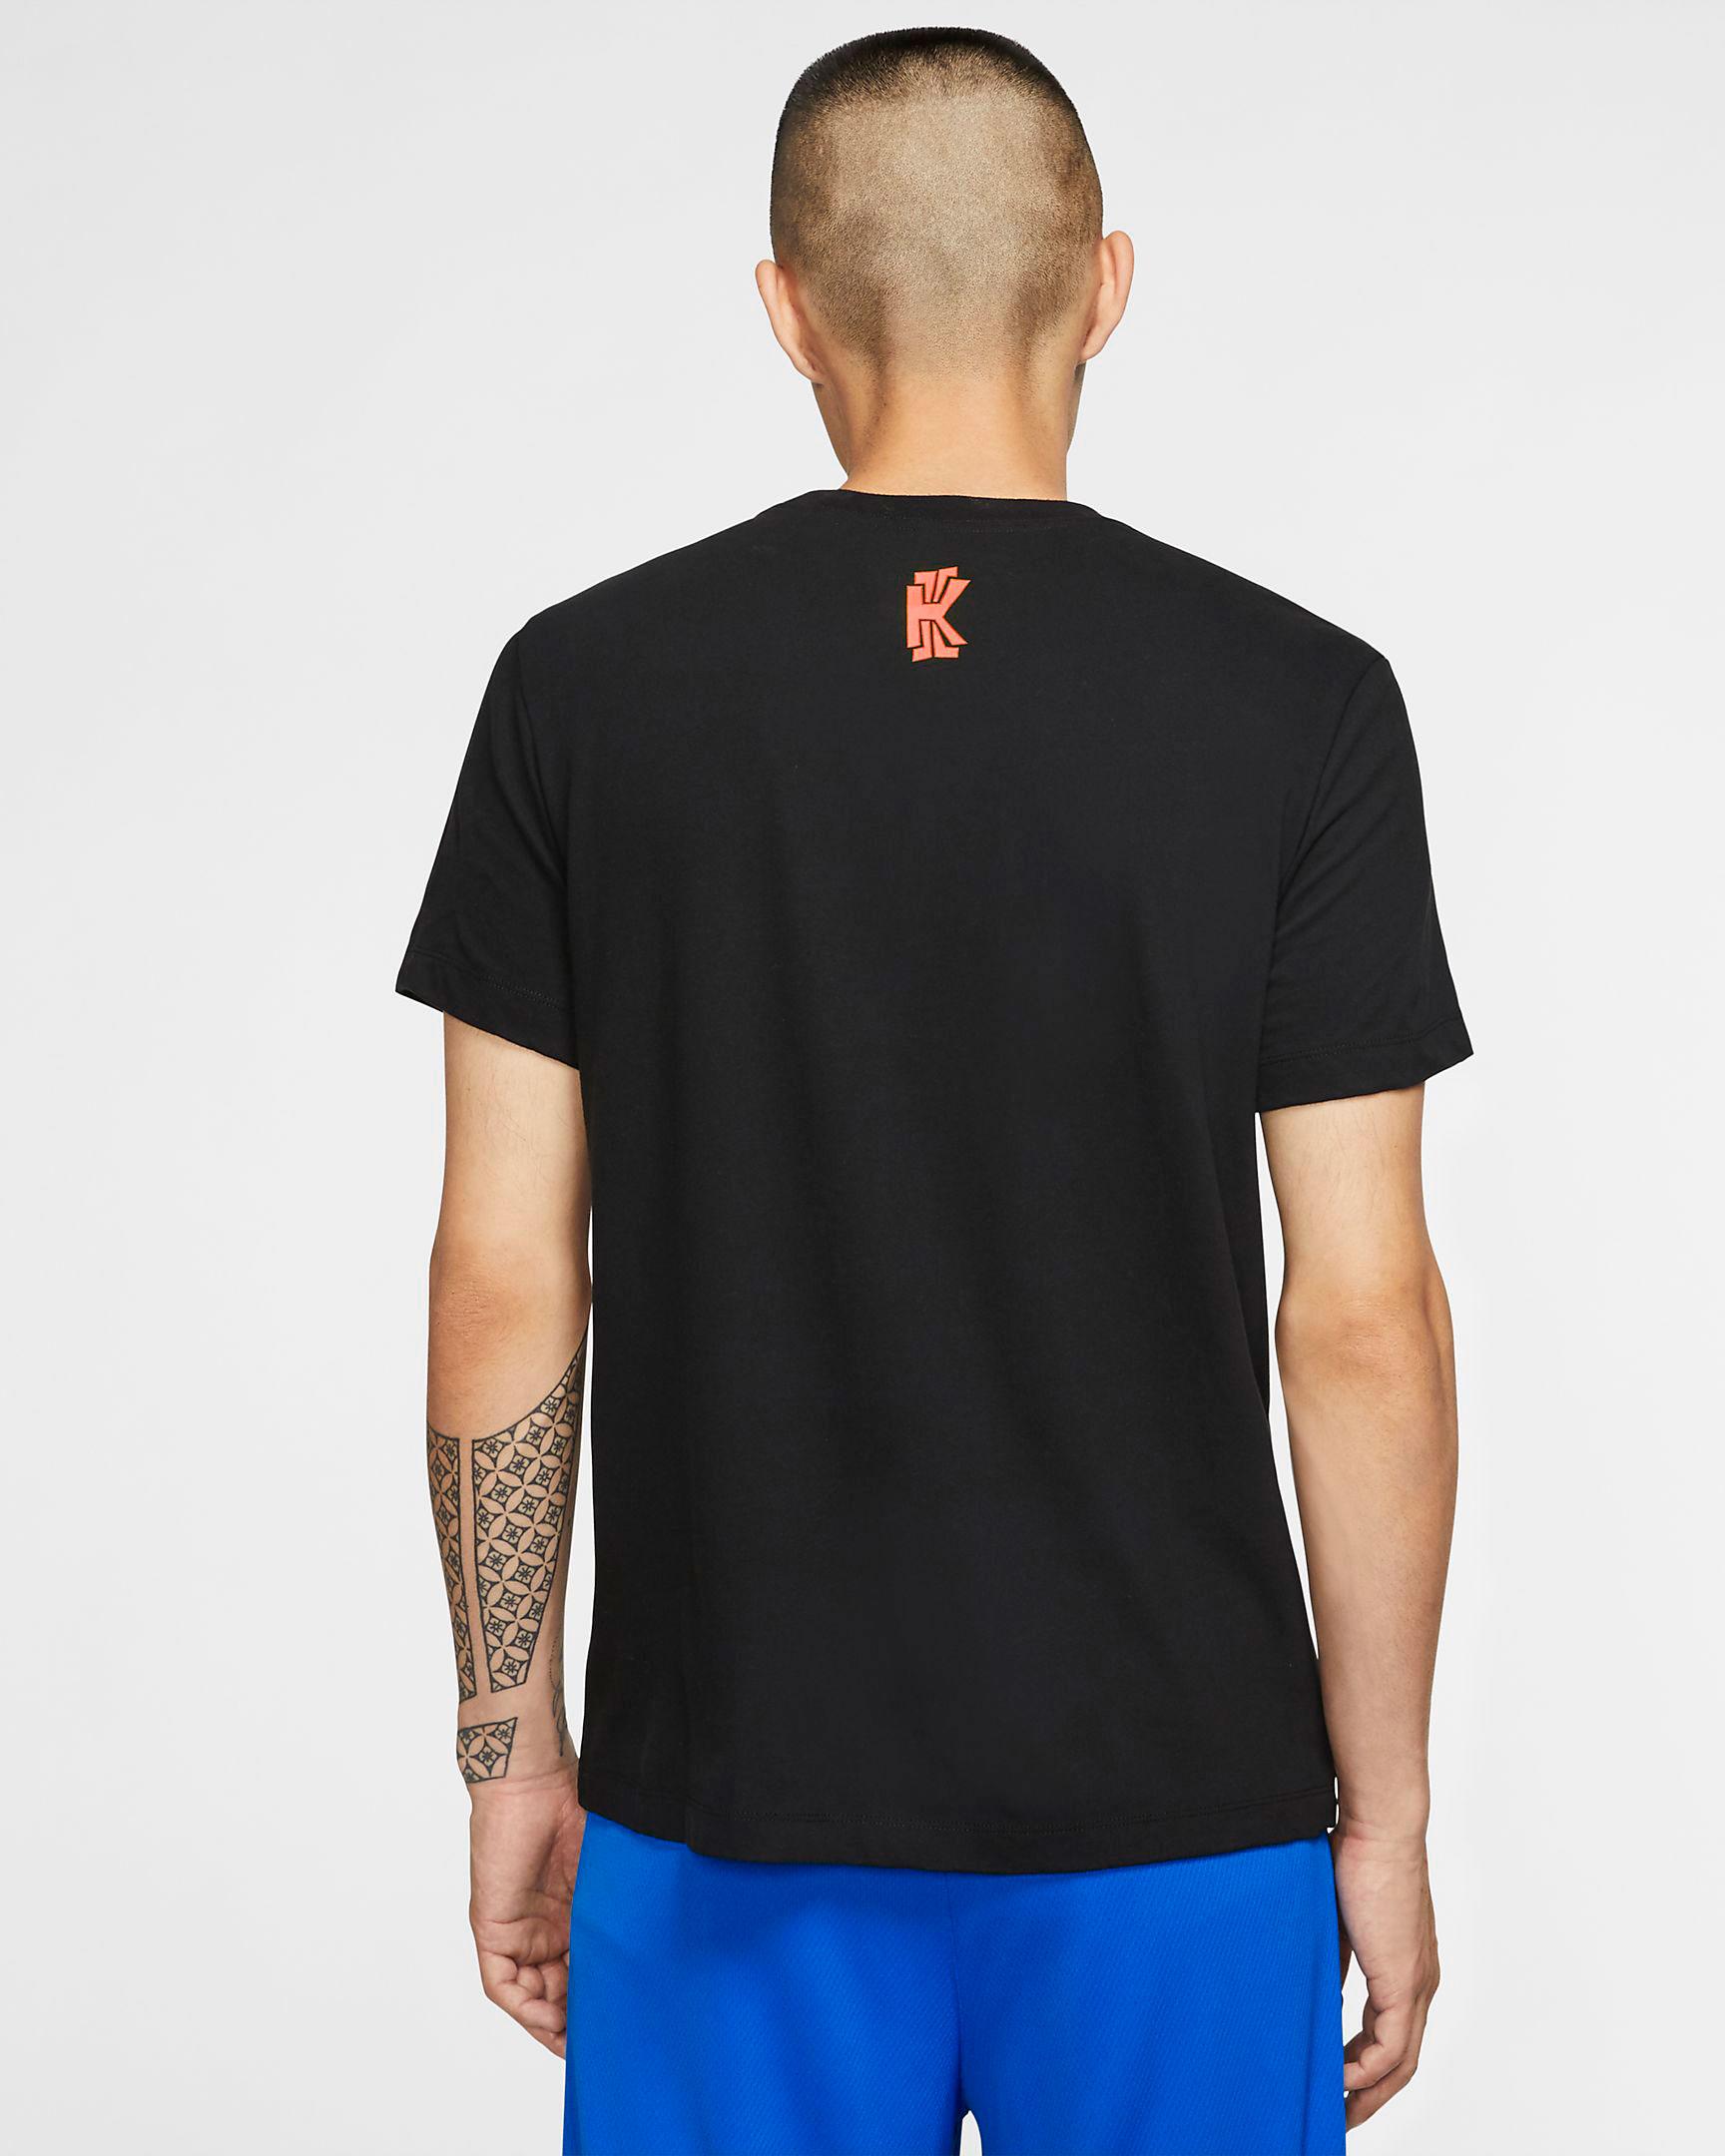 nike-kyrie-spongebob-patrick-star-shirt-2